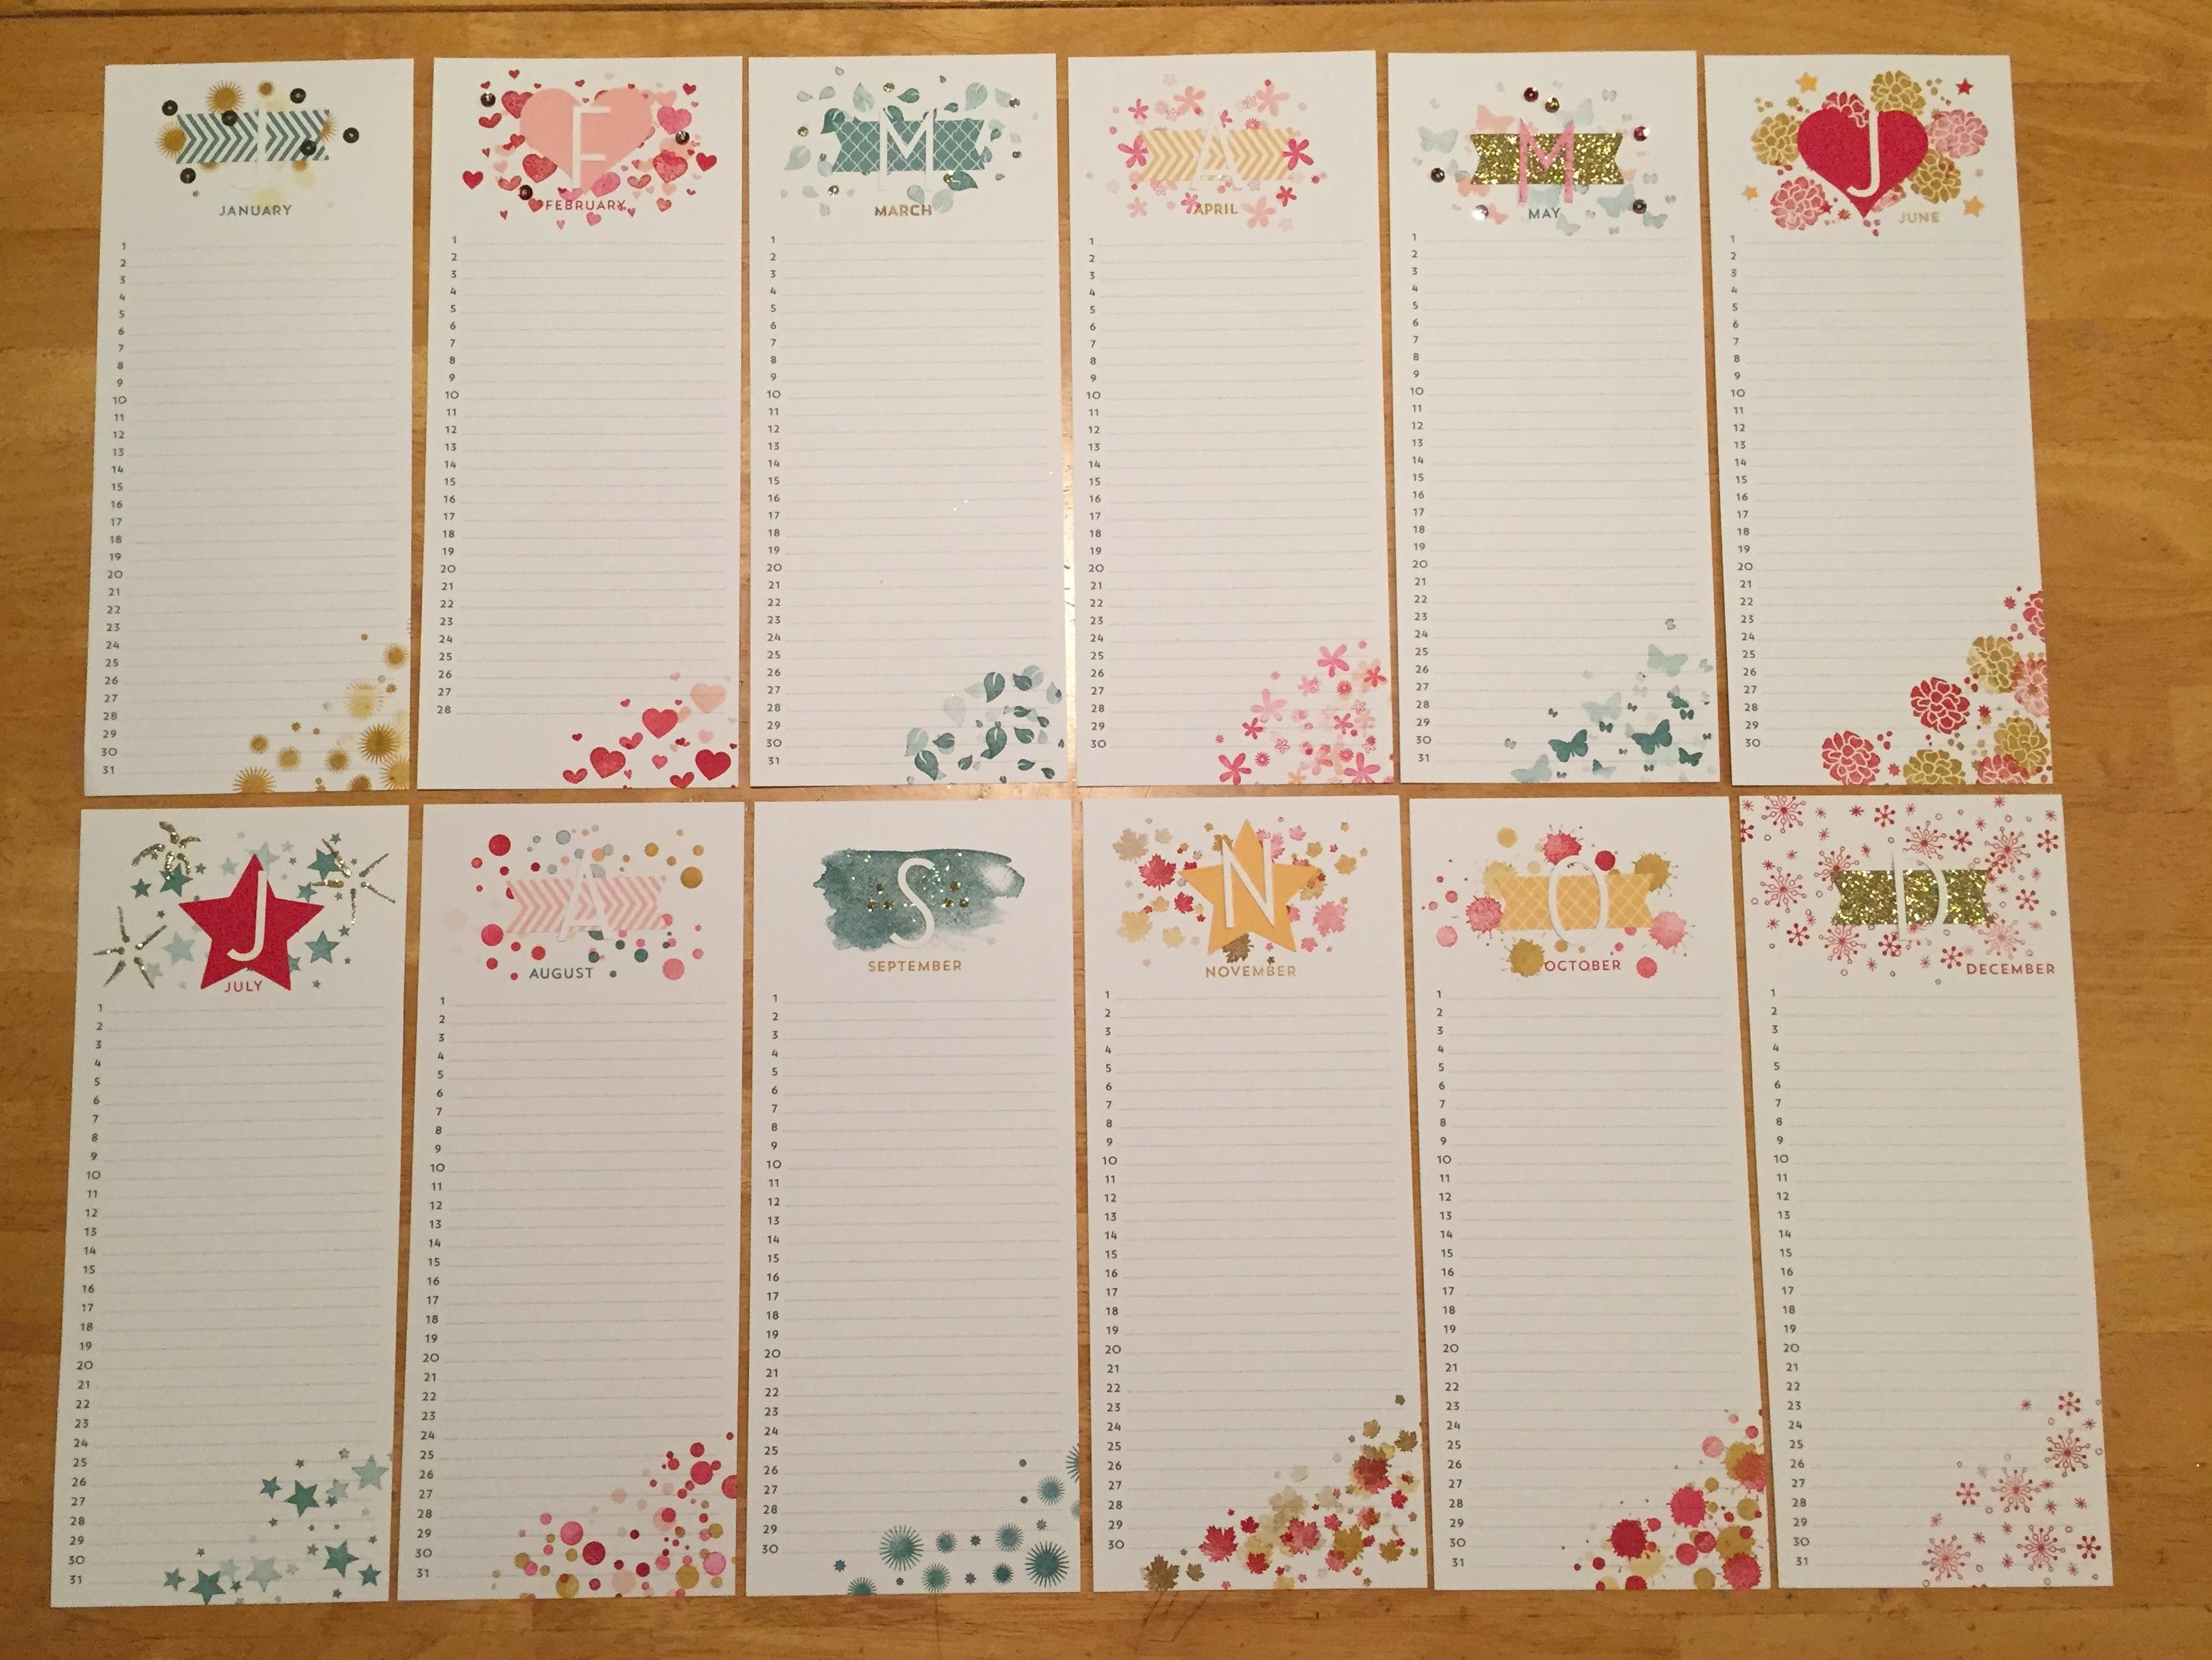 perpetual birthday calendar project kit  u2013 finders keepers